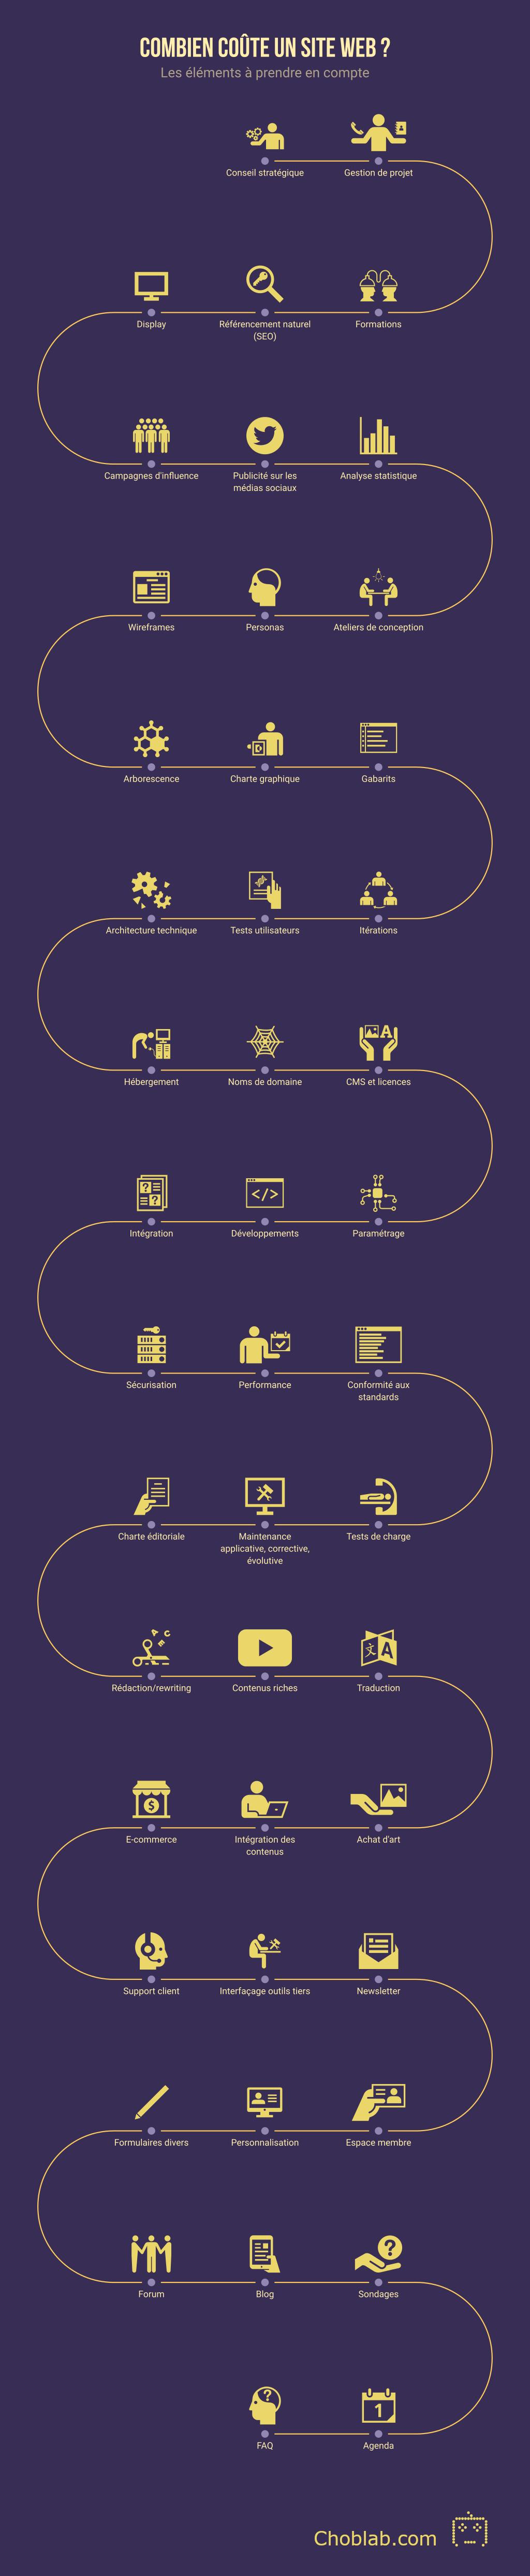 Combien coûte un site web ? Infographie Choblab.com